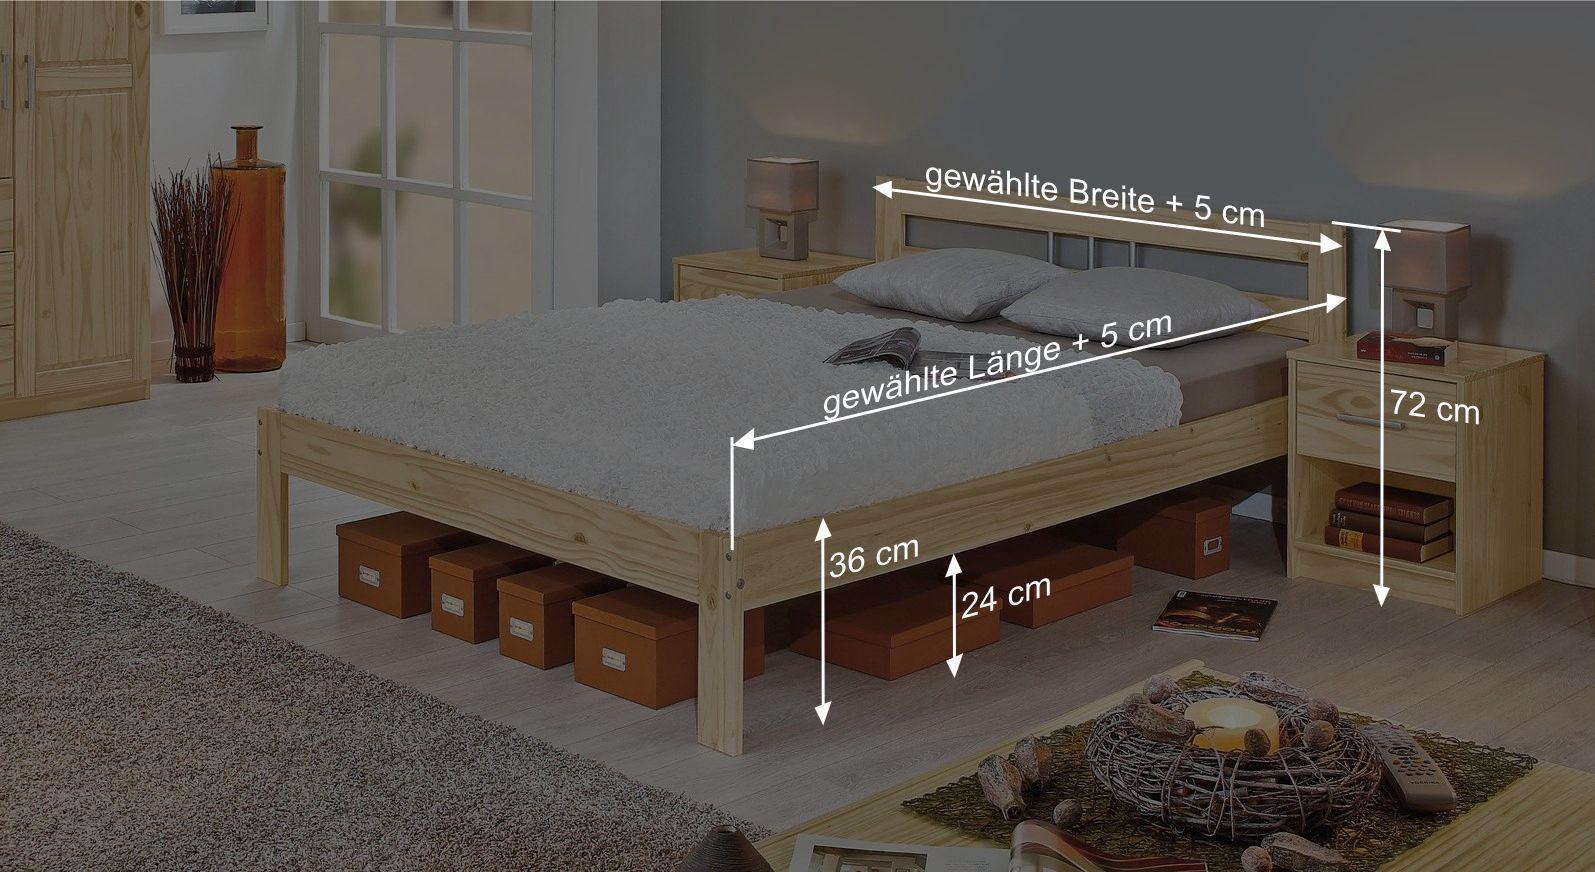 Bemaßungsskizze zum Bett Bregenz